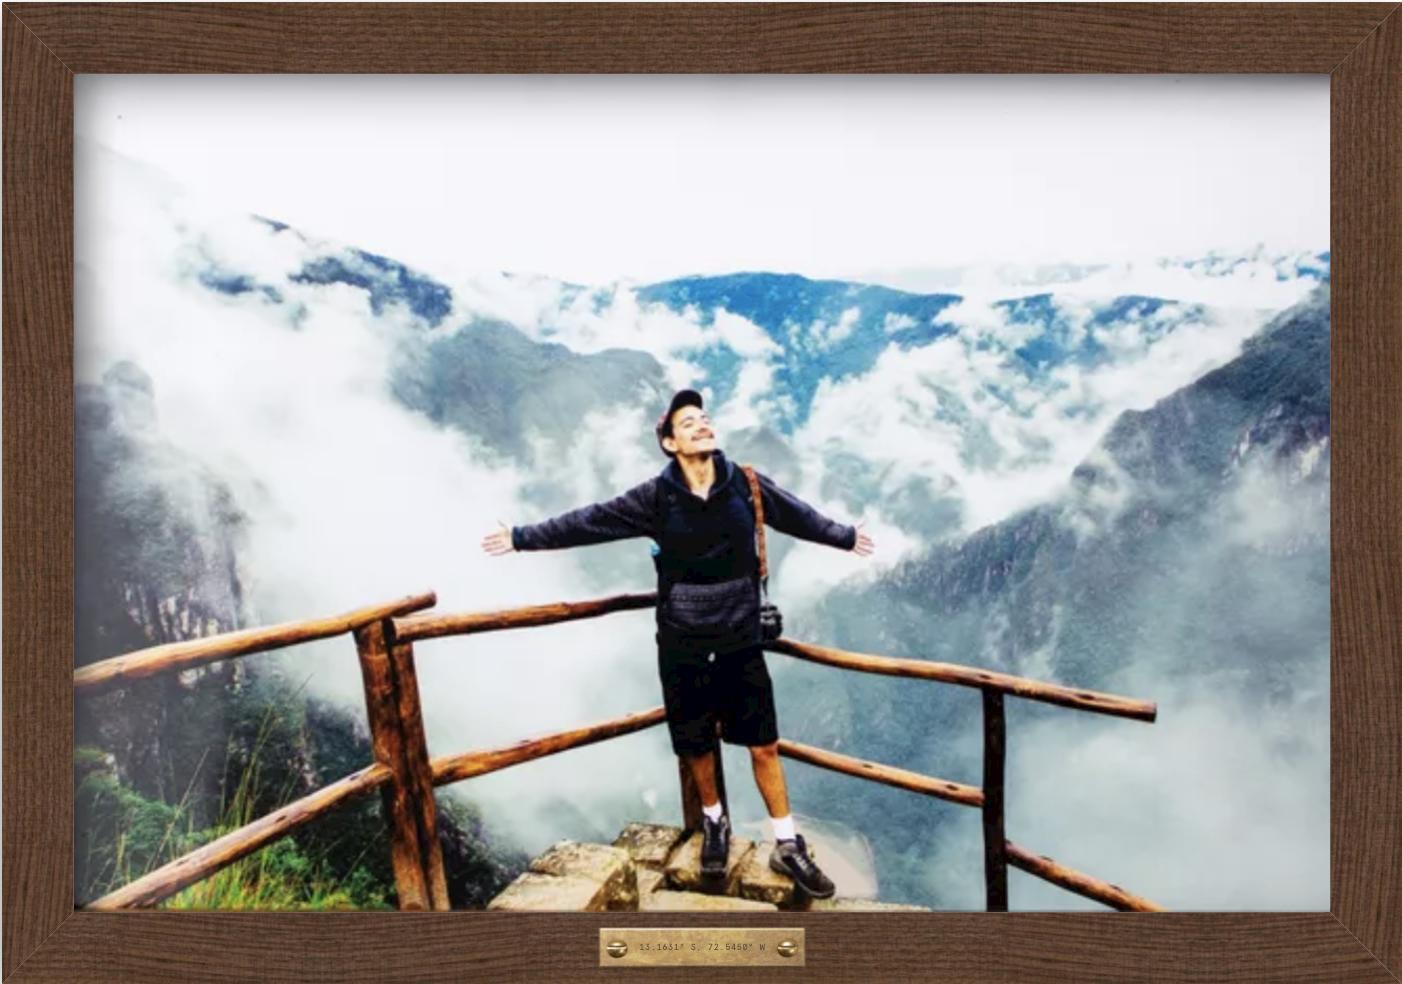 framed photo of hiker at yosemite